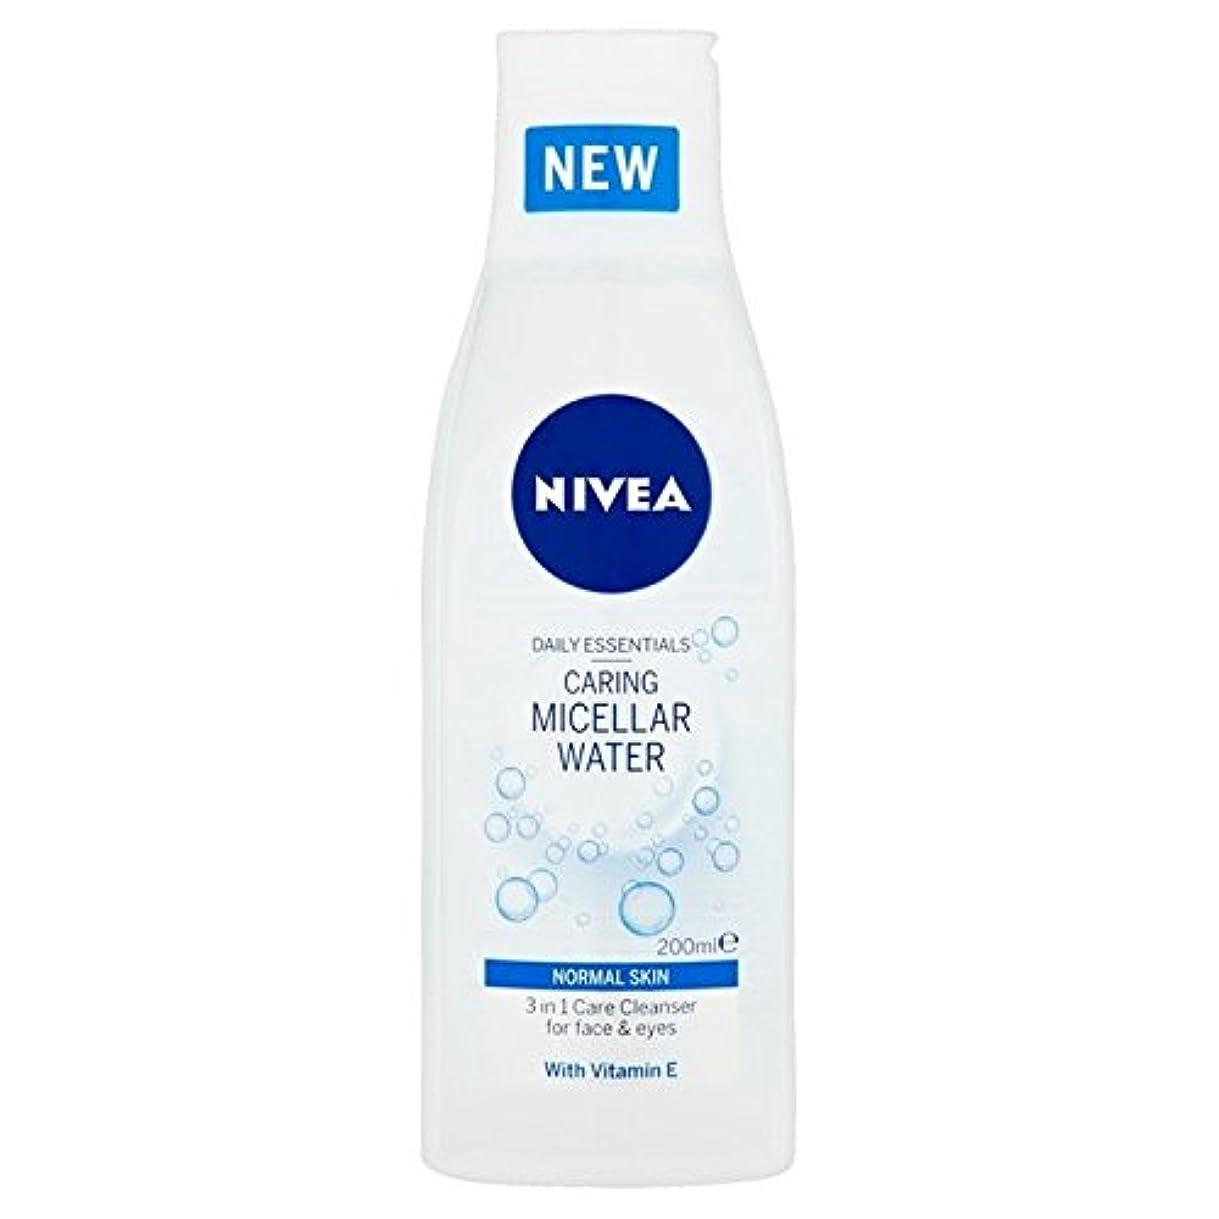 作業不安定な静脈Nivea 3 in 1 Sensitive Caring Micellar Water Normal Skin 200ml (Pack of 6) - 1つの敏感な思いやりのあるミセル水の正常な皮膚の200ミリリットルでニベア3 x6 [並行輸入品]